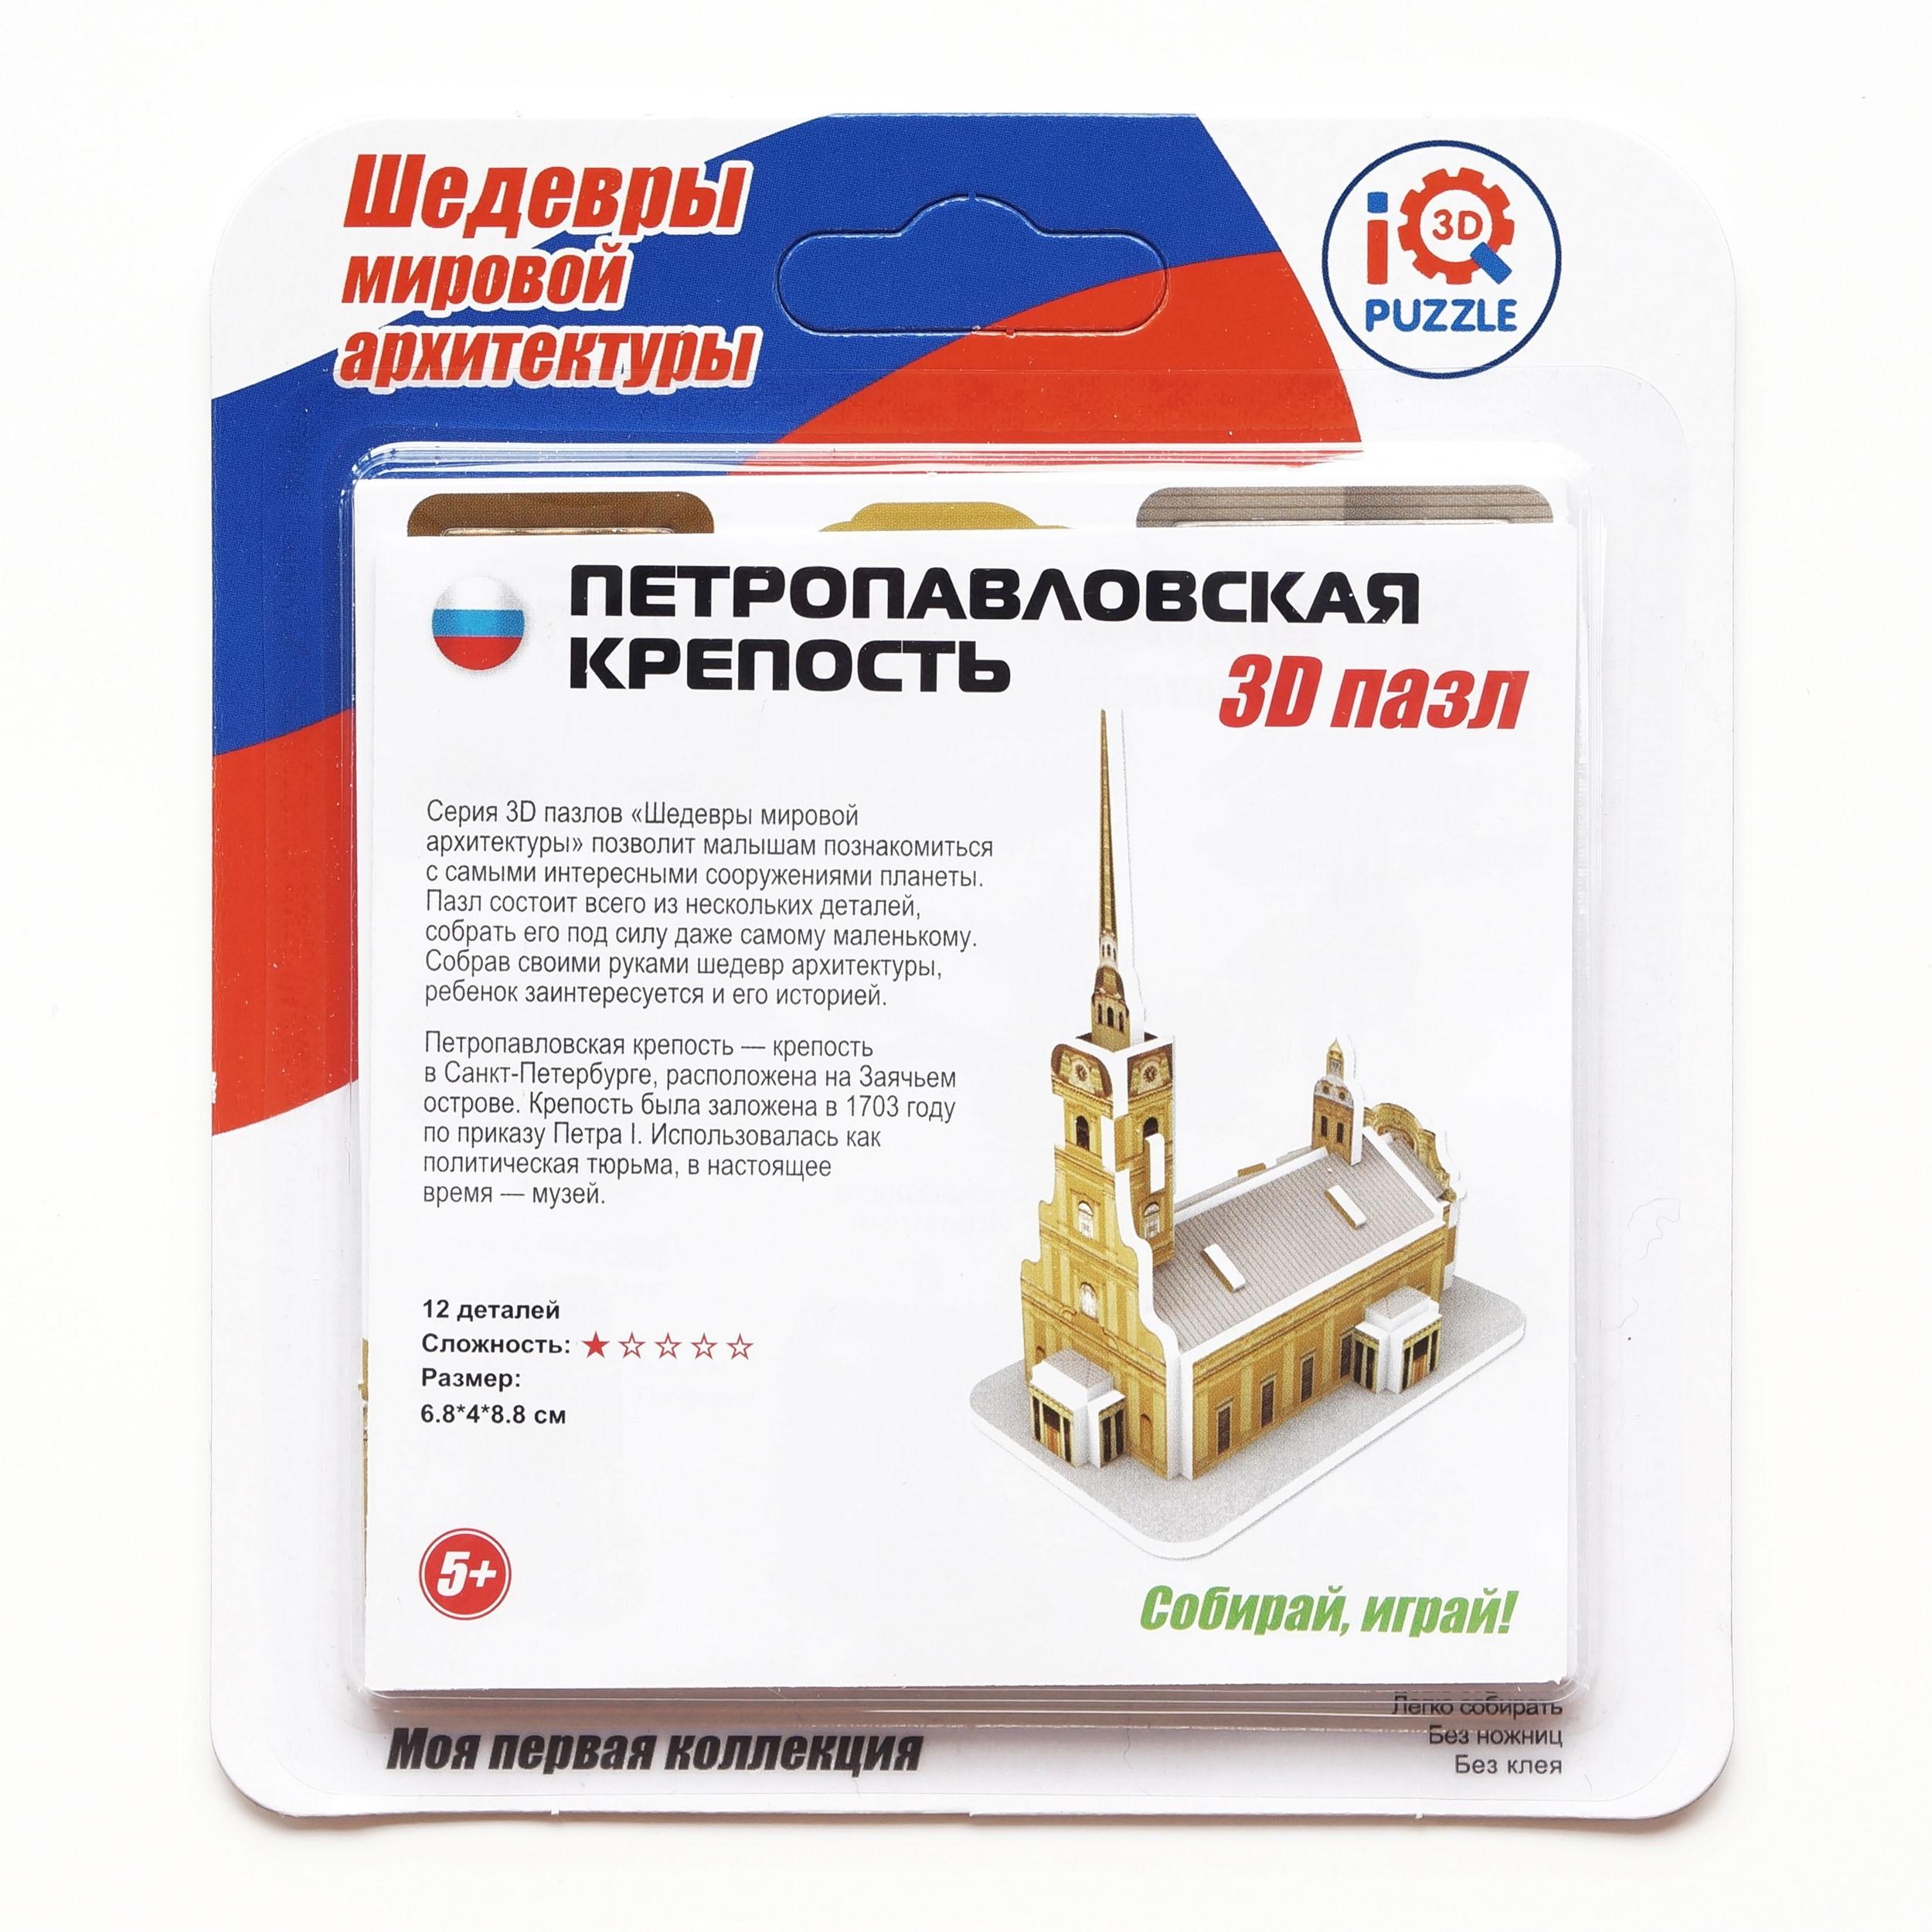 Пазлы IQ 3D Puzzle Петропавловская крепость printio петропавловская крепость